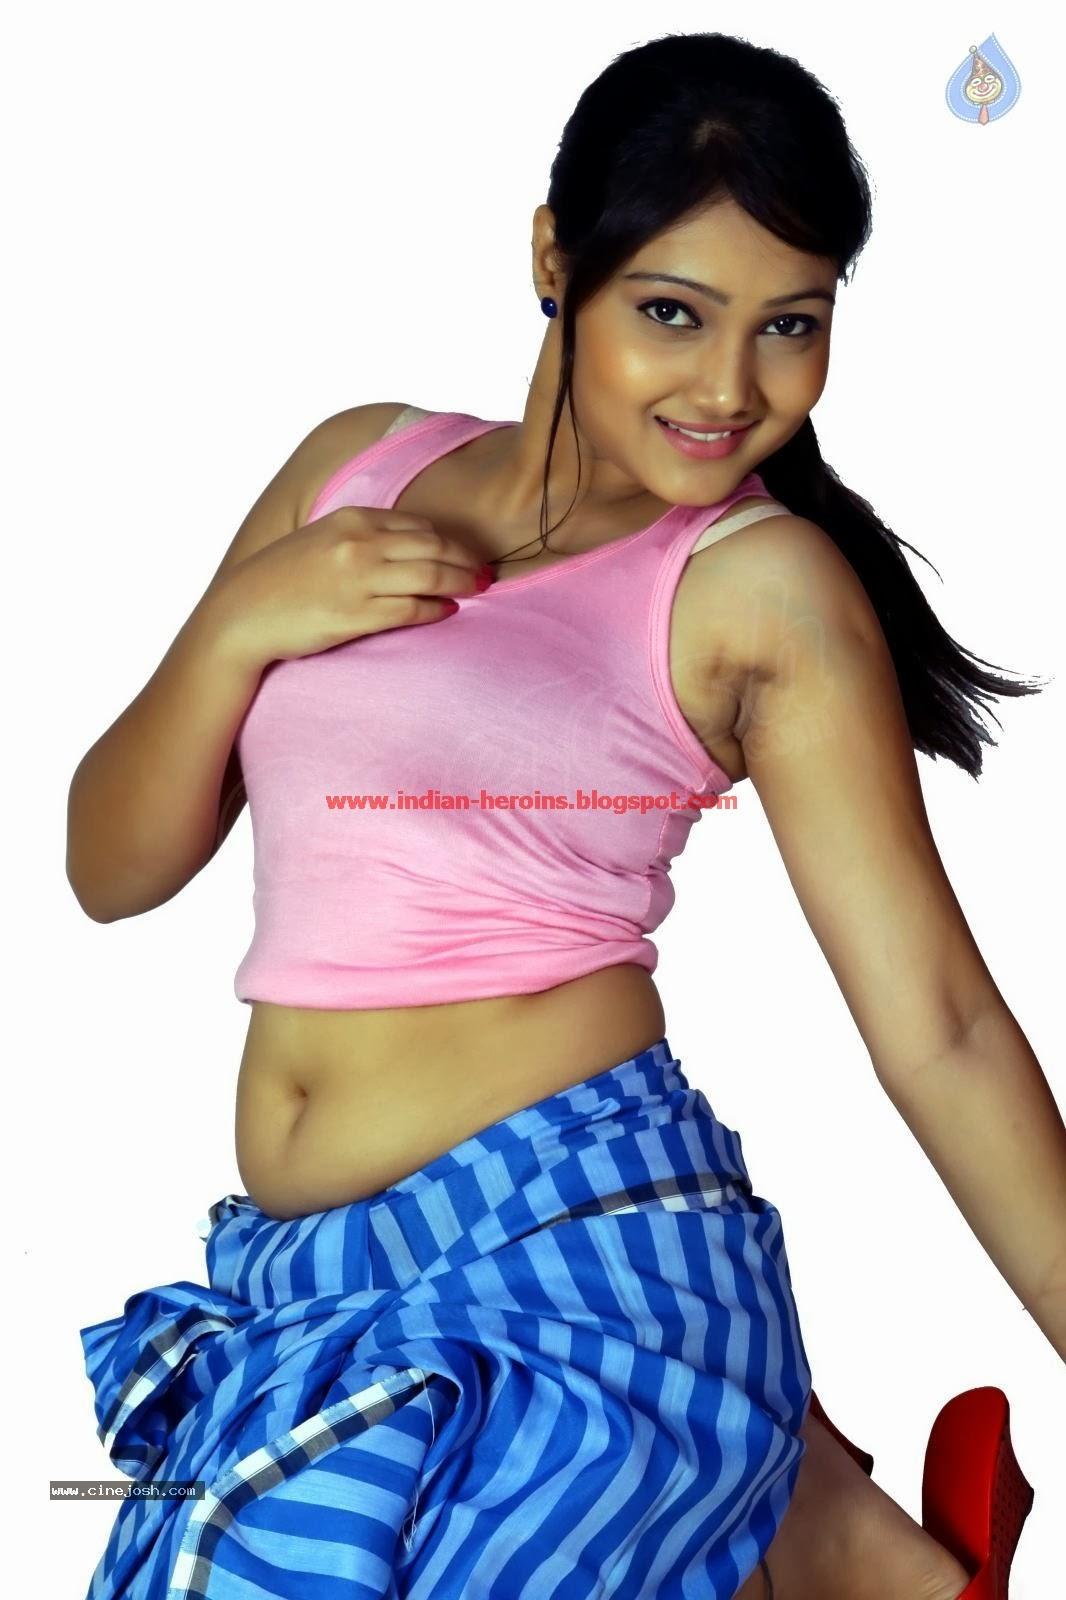 Telugu Tv Actress Priyanka Hot Navel And Boobs Showing -7003